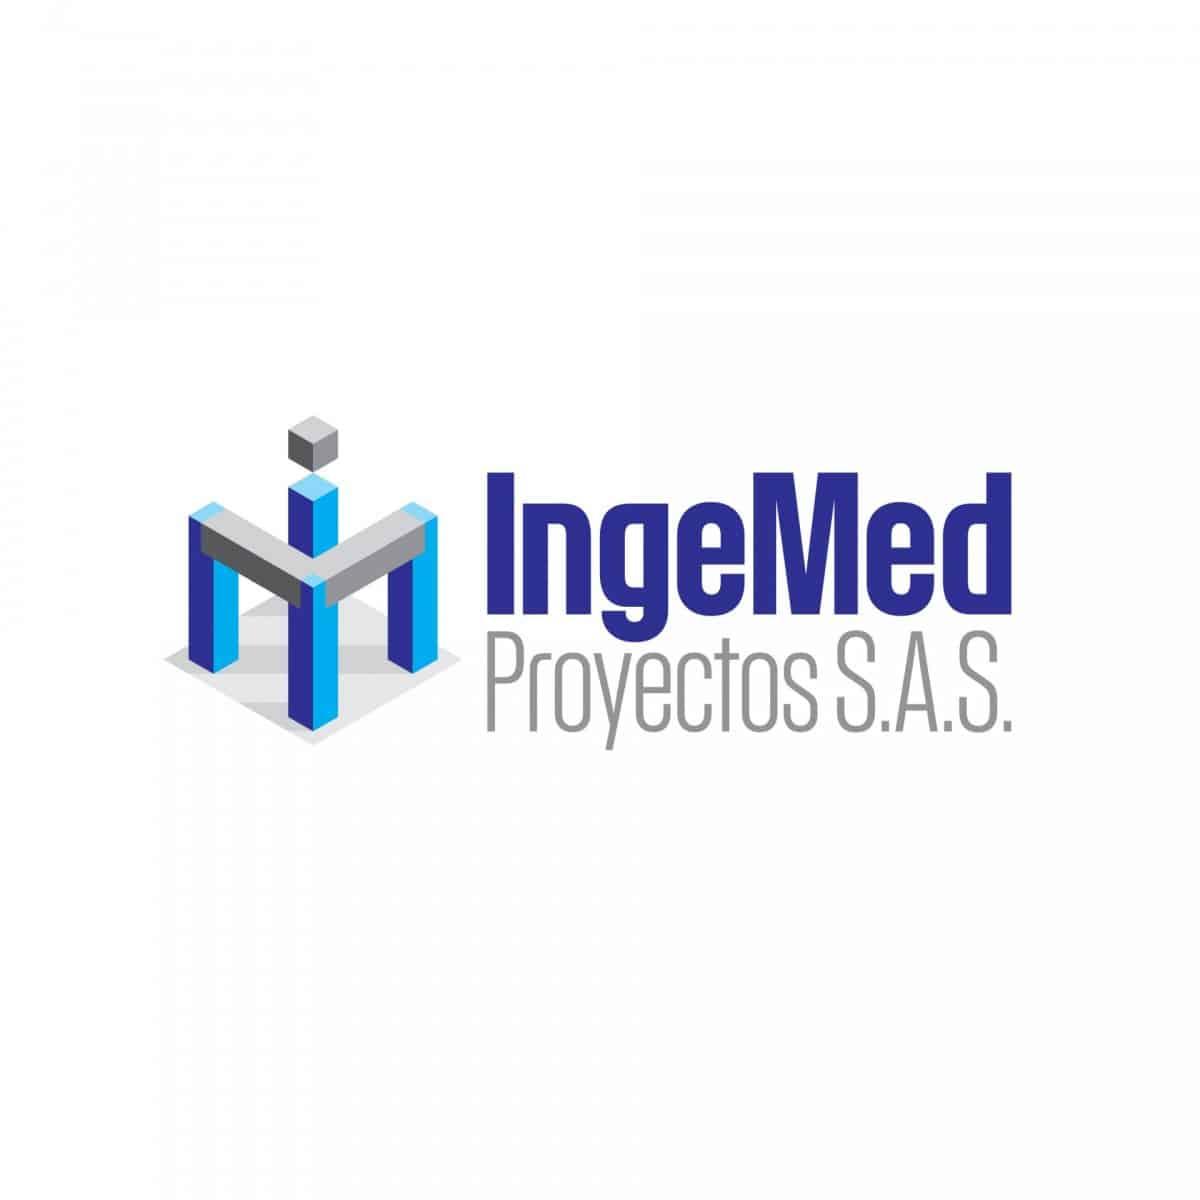 logotipo ingemed